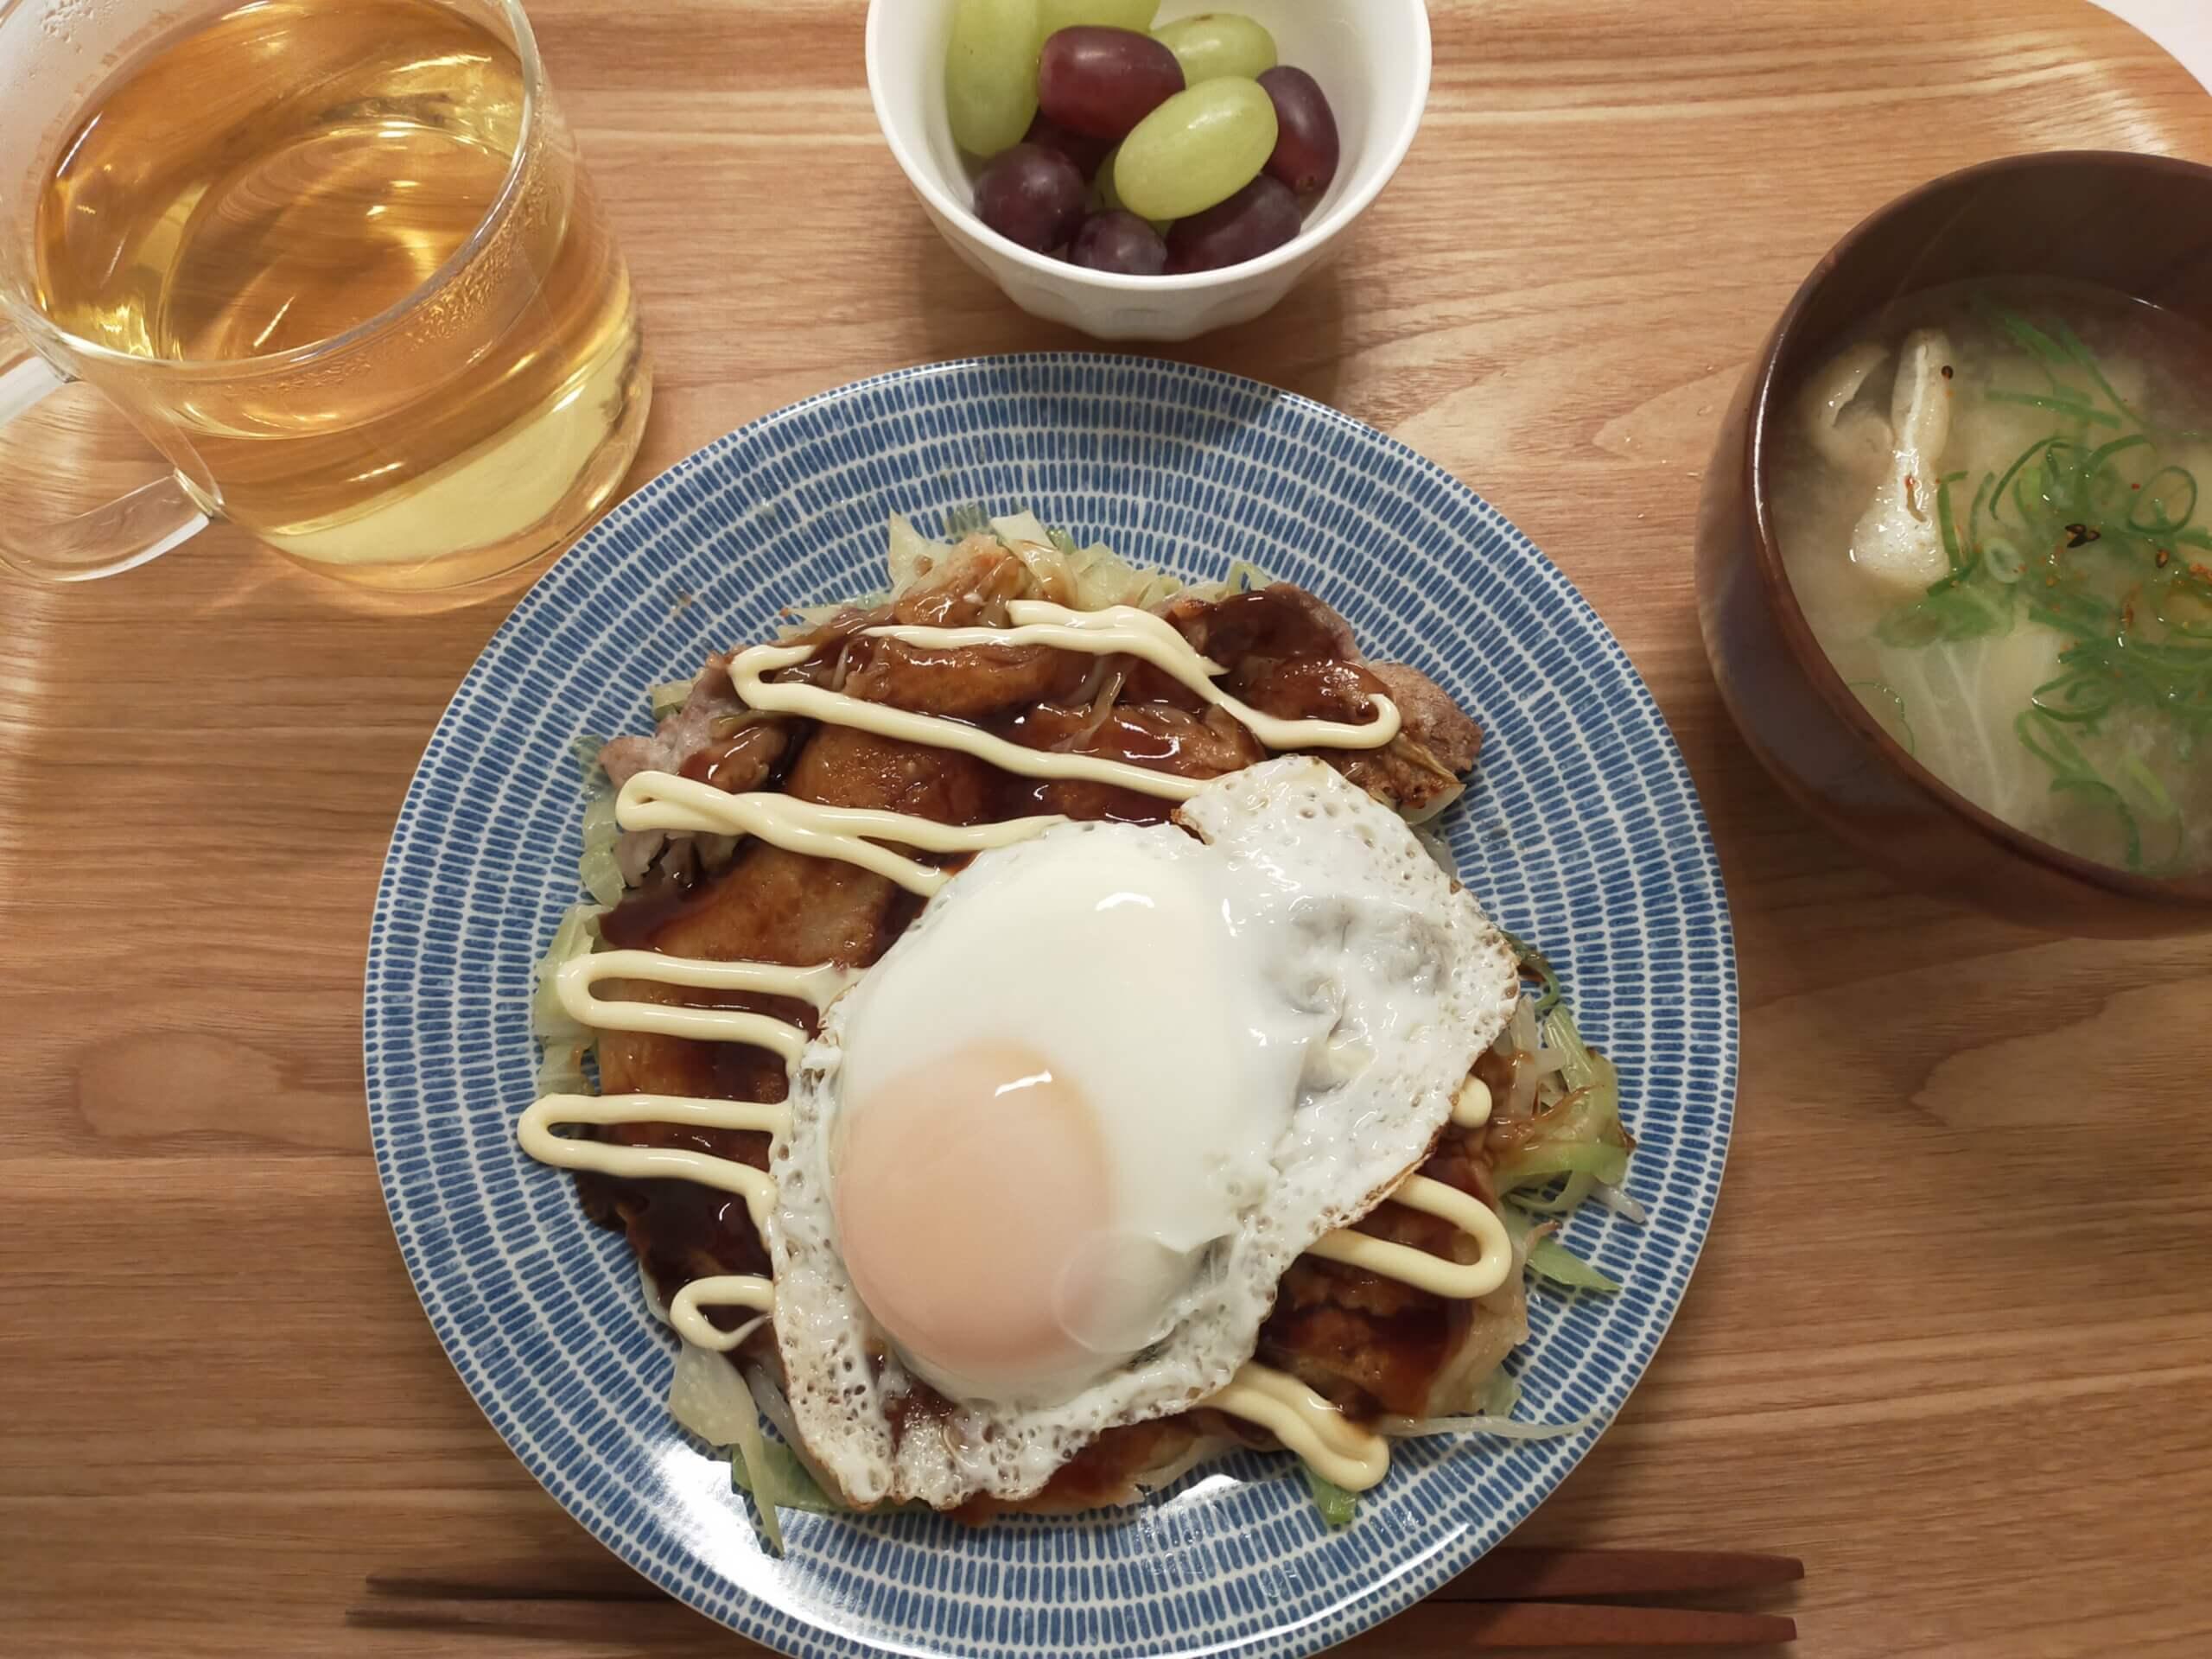 朝から夜ごはんの下ごしらえ/たまごパン/広島焼き/ゲームオブスローンズ